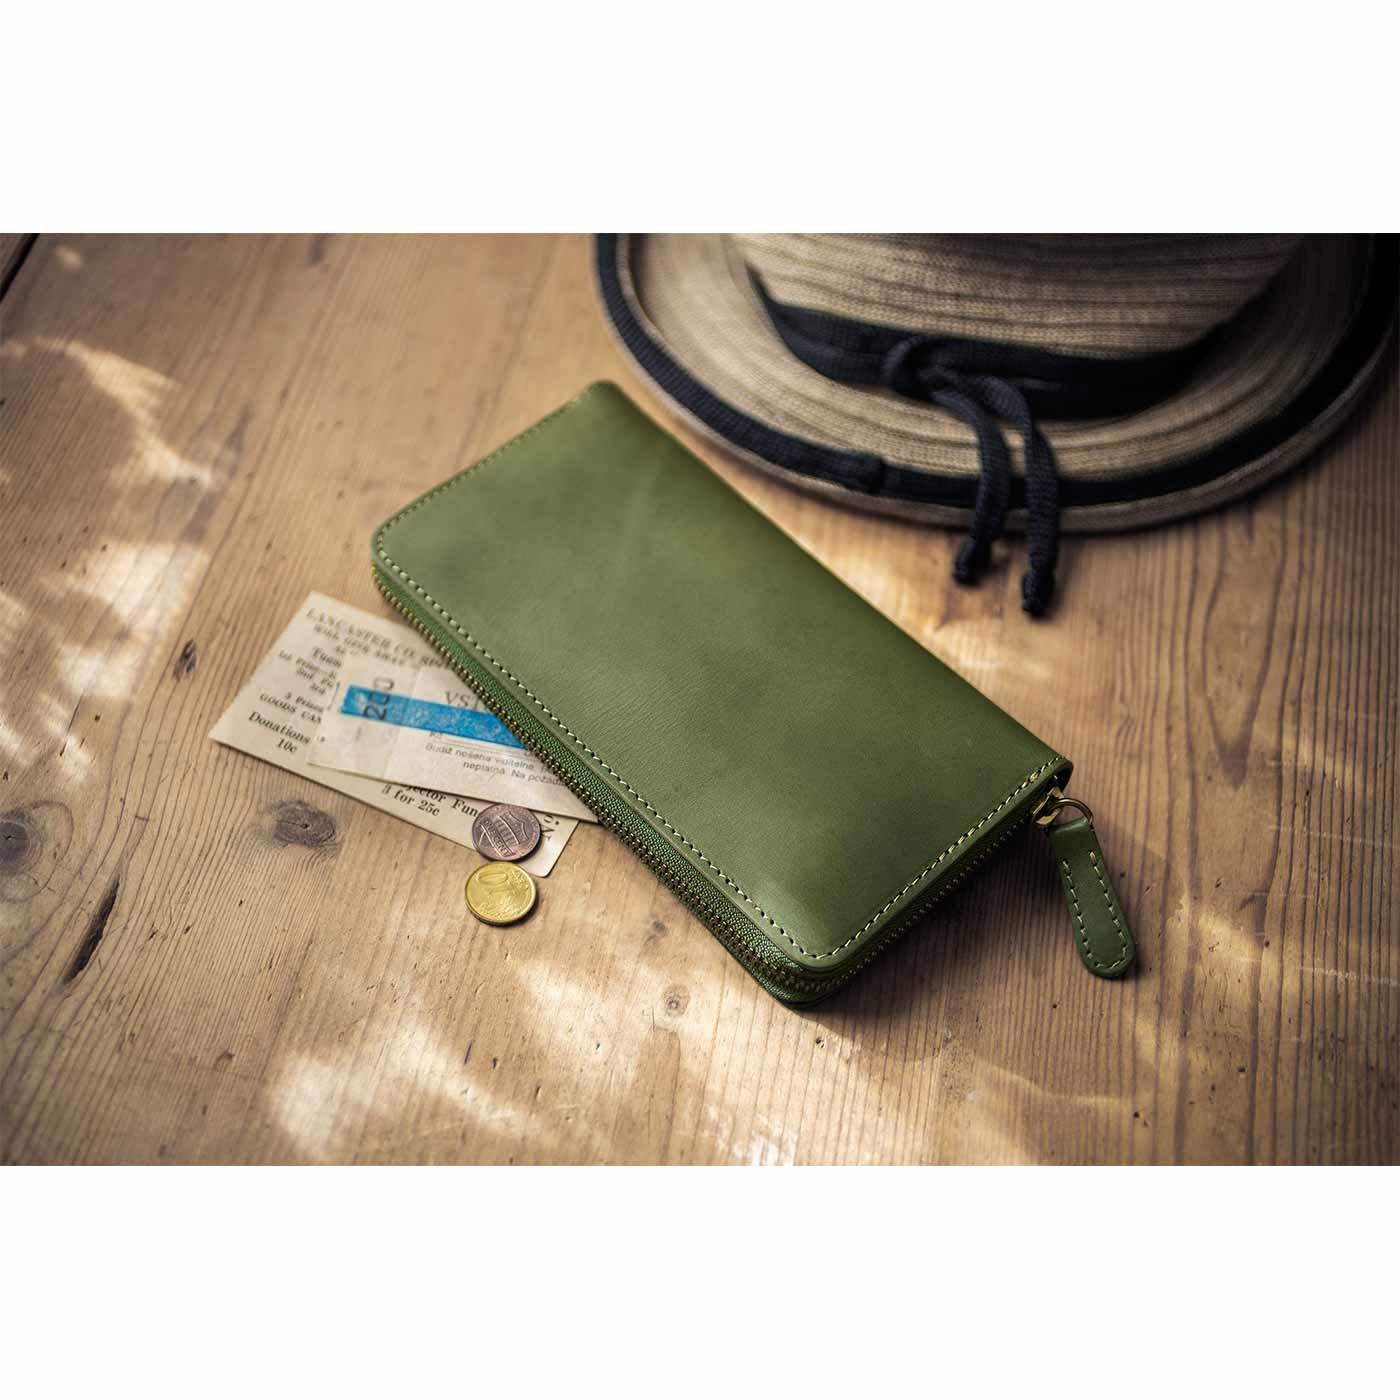 鞄(かばん)作家と作った本革ラウンドジップ財布〈フォレストグリーン〉[本革 長財布:日本製]